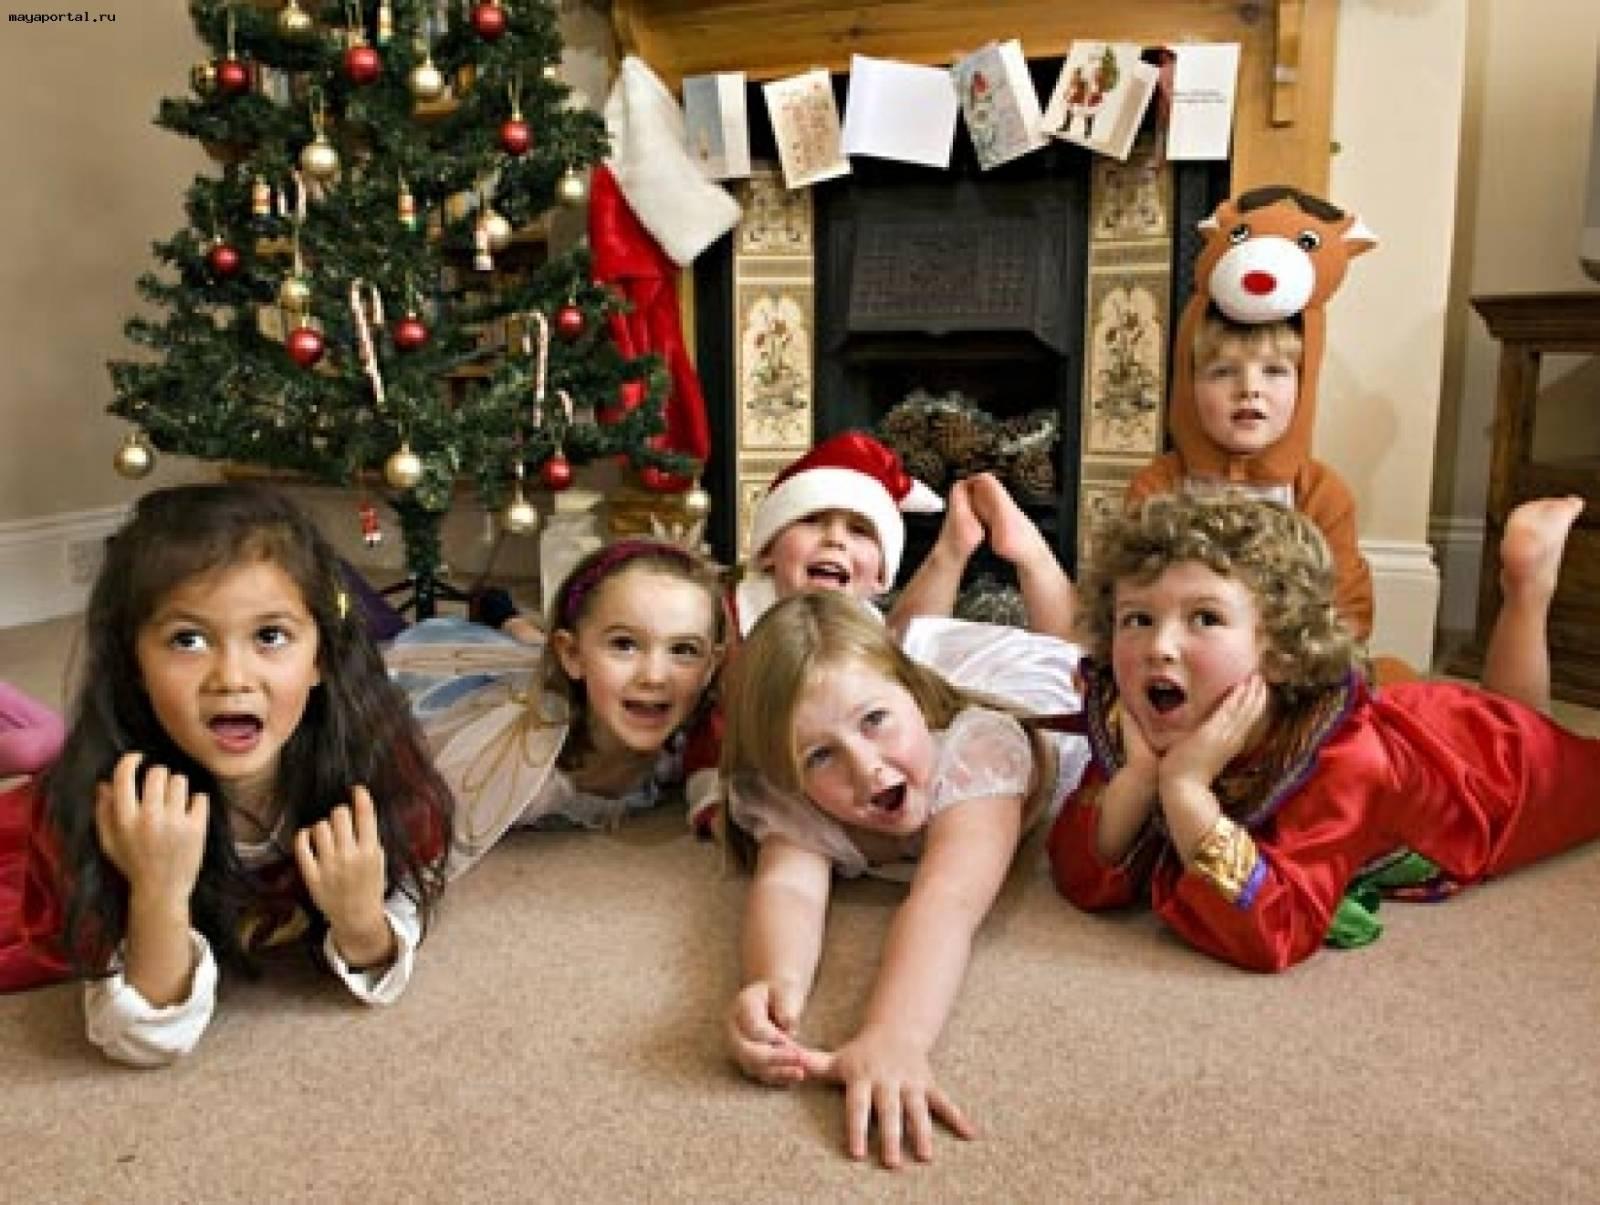 Маленькие конкурсы для детей в новый год